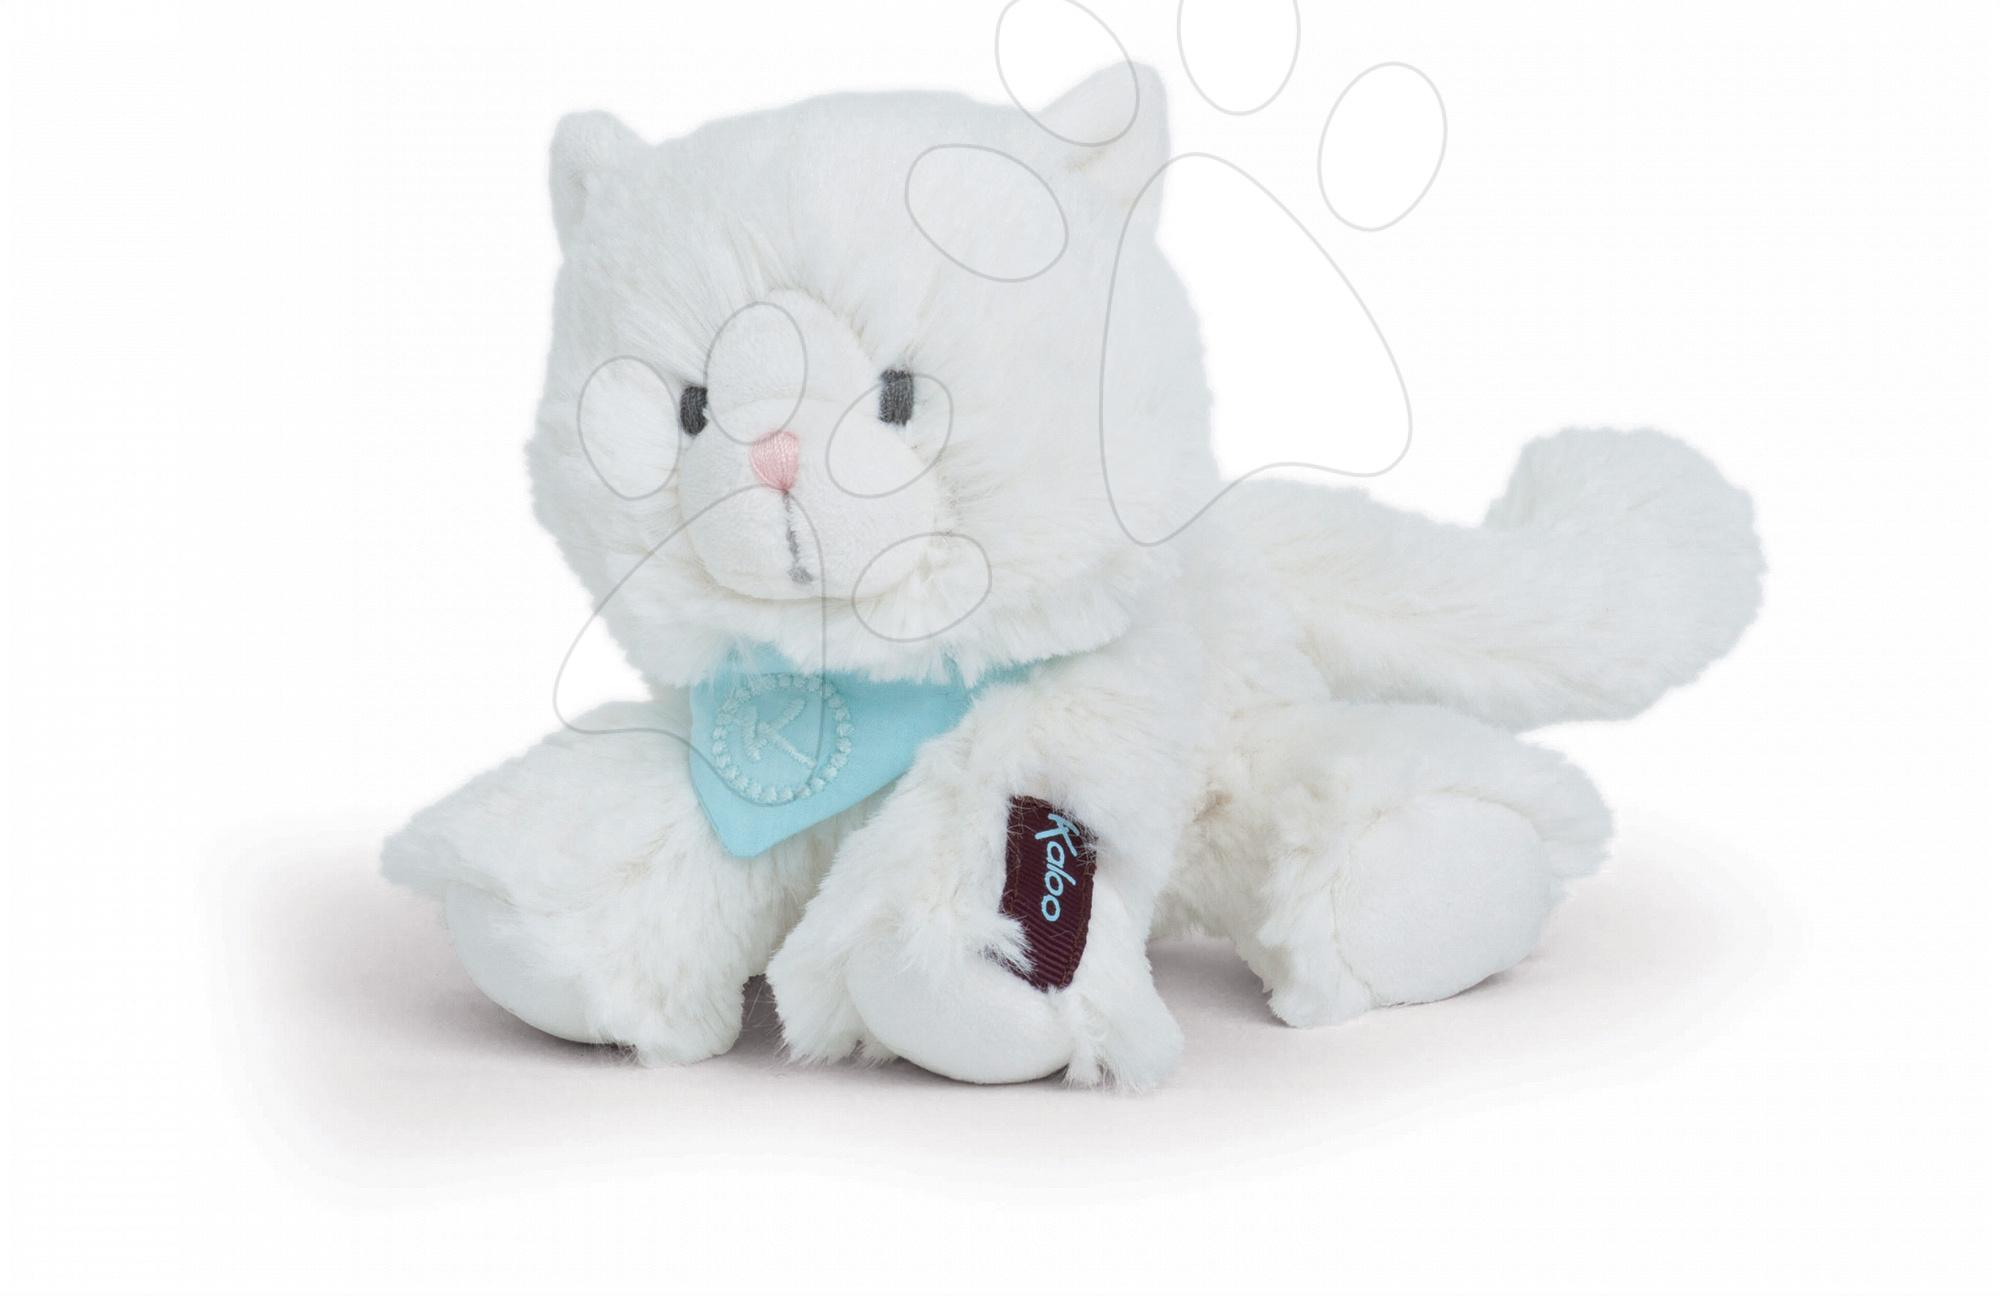 Plyšové zvieratká - Plyšové mačiatko Coco Les Amis-Chaton Kaloo 19 cm v darčekovom balení pre najmenších